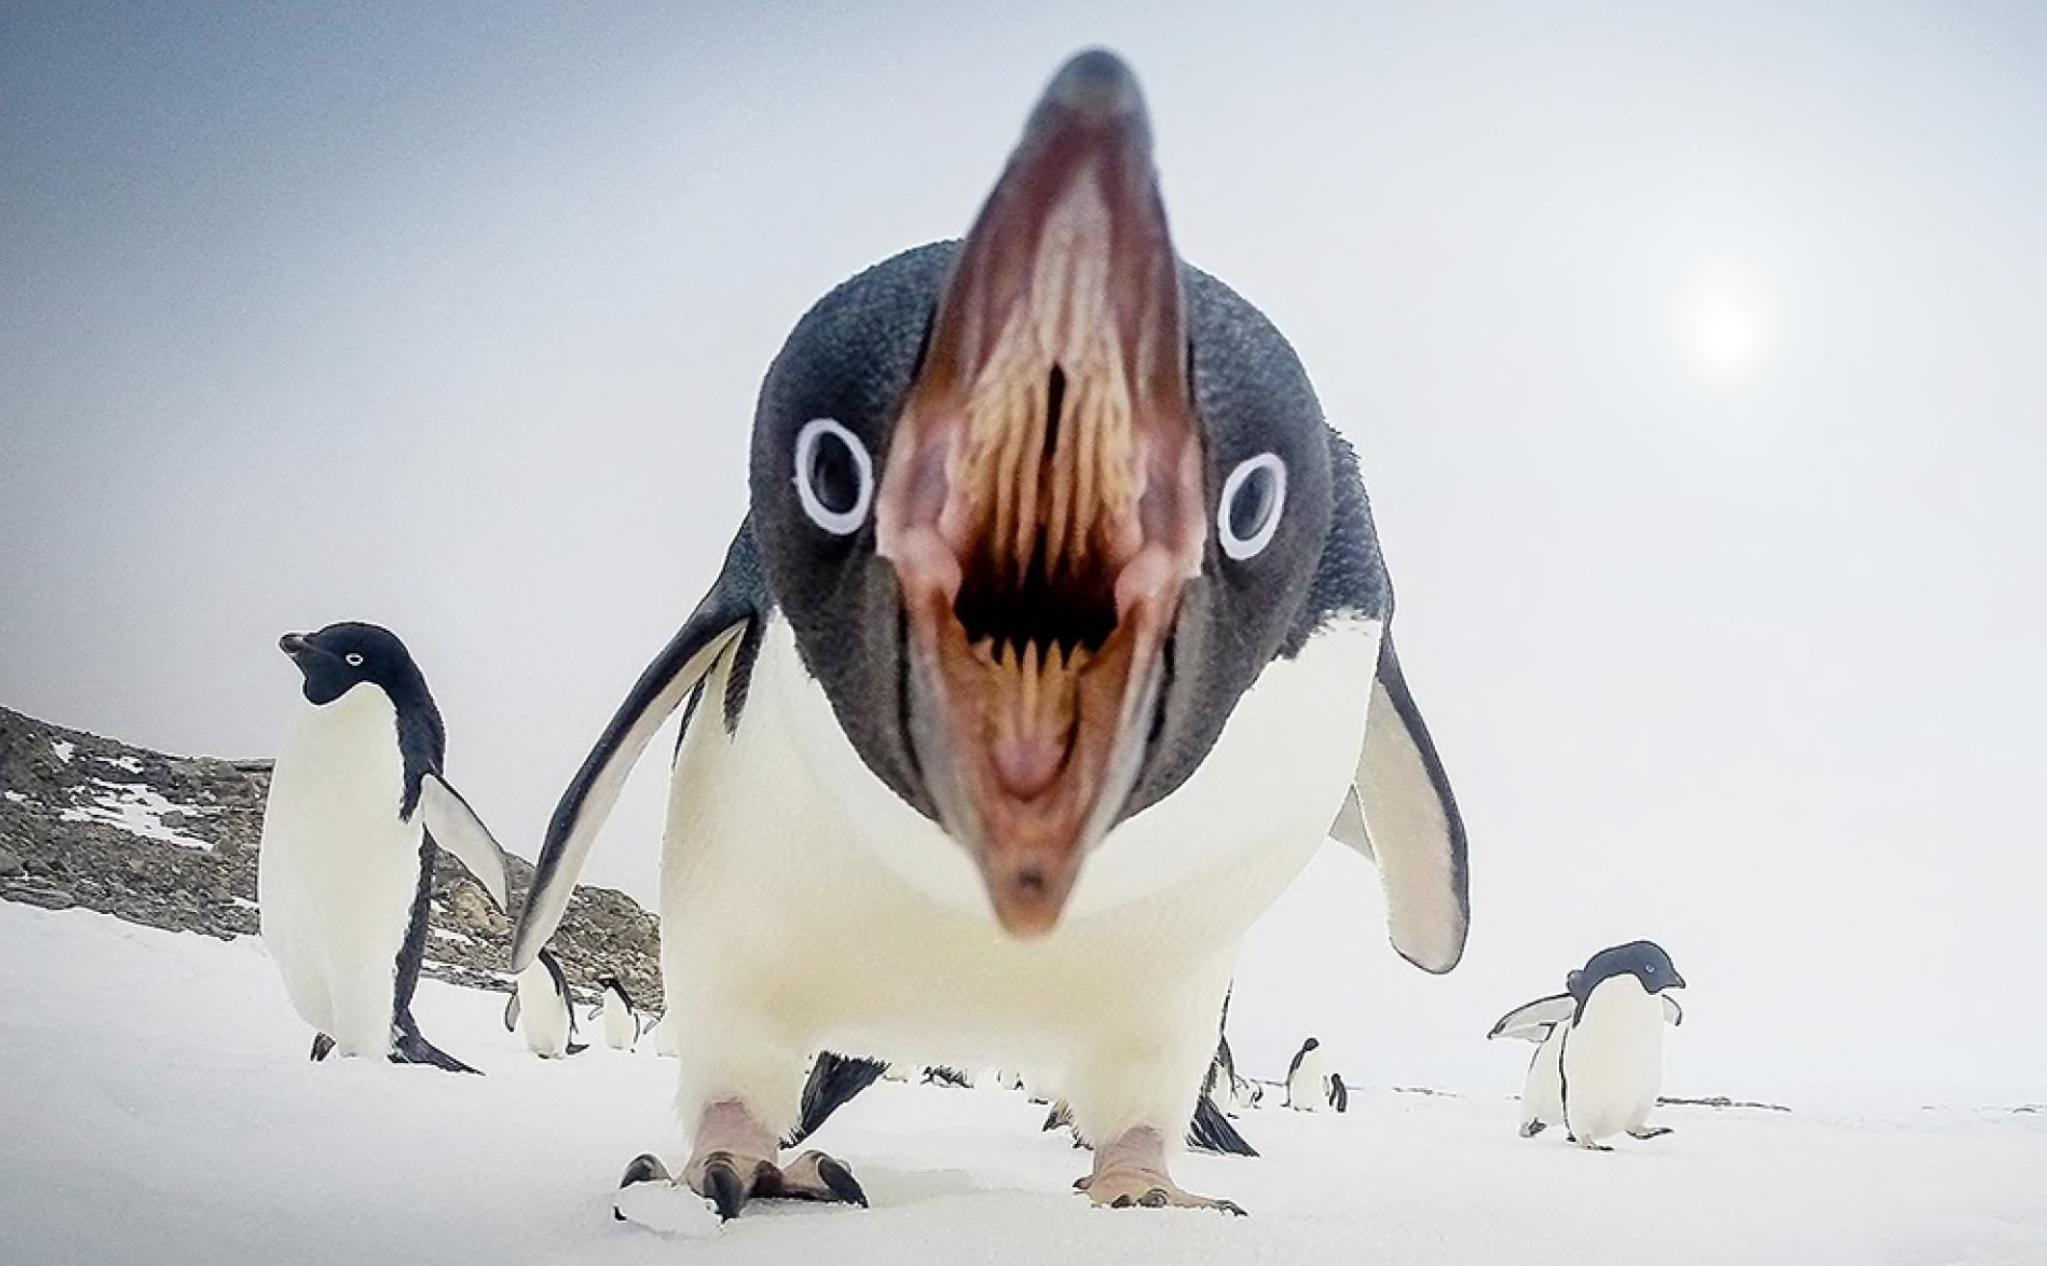 пингвины проституция безумные факты о пингвинах отвратительные мужики